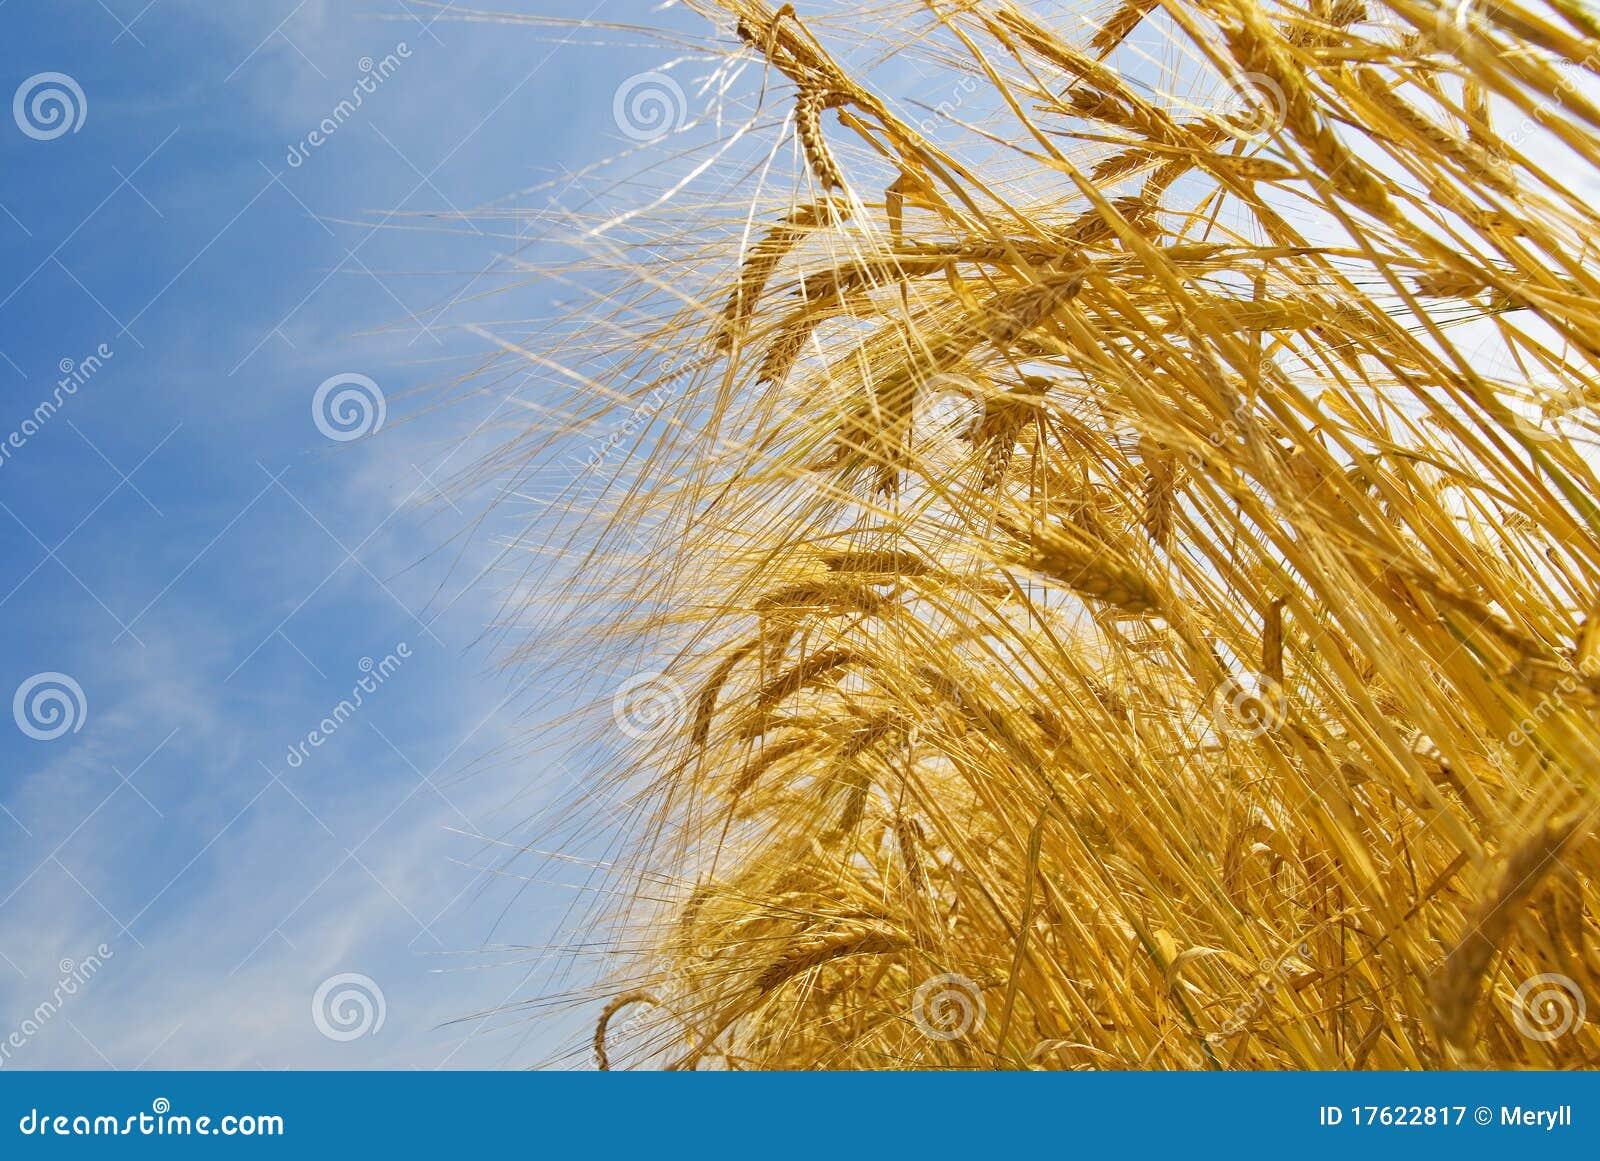 Groeiend korrelgebied, landbouw